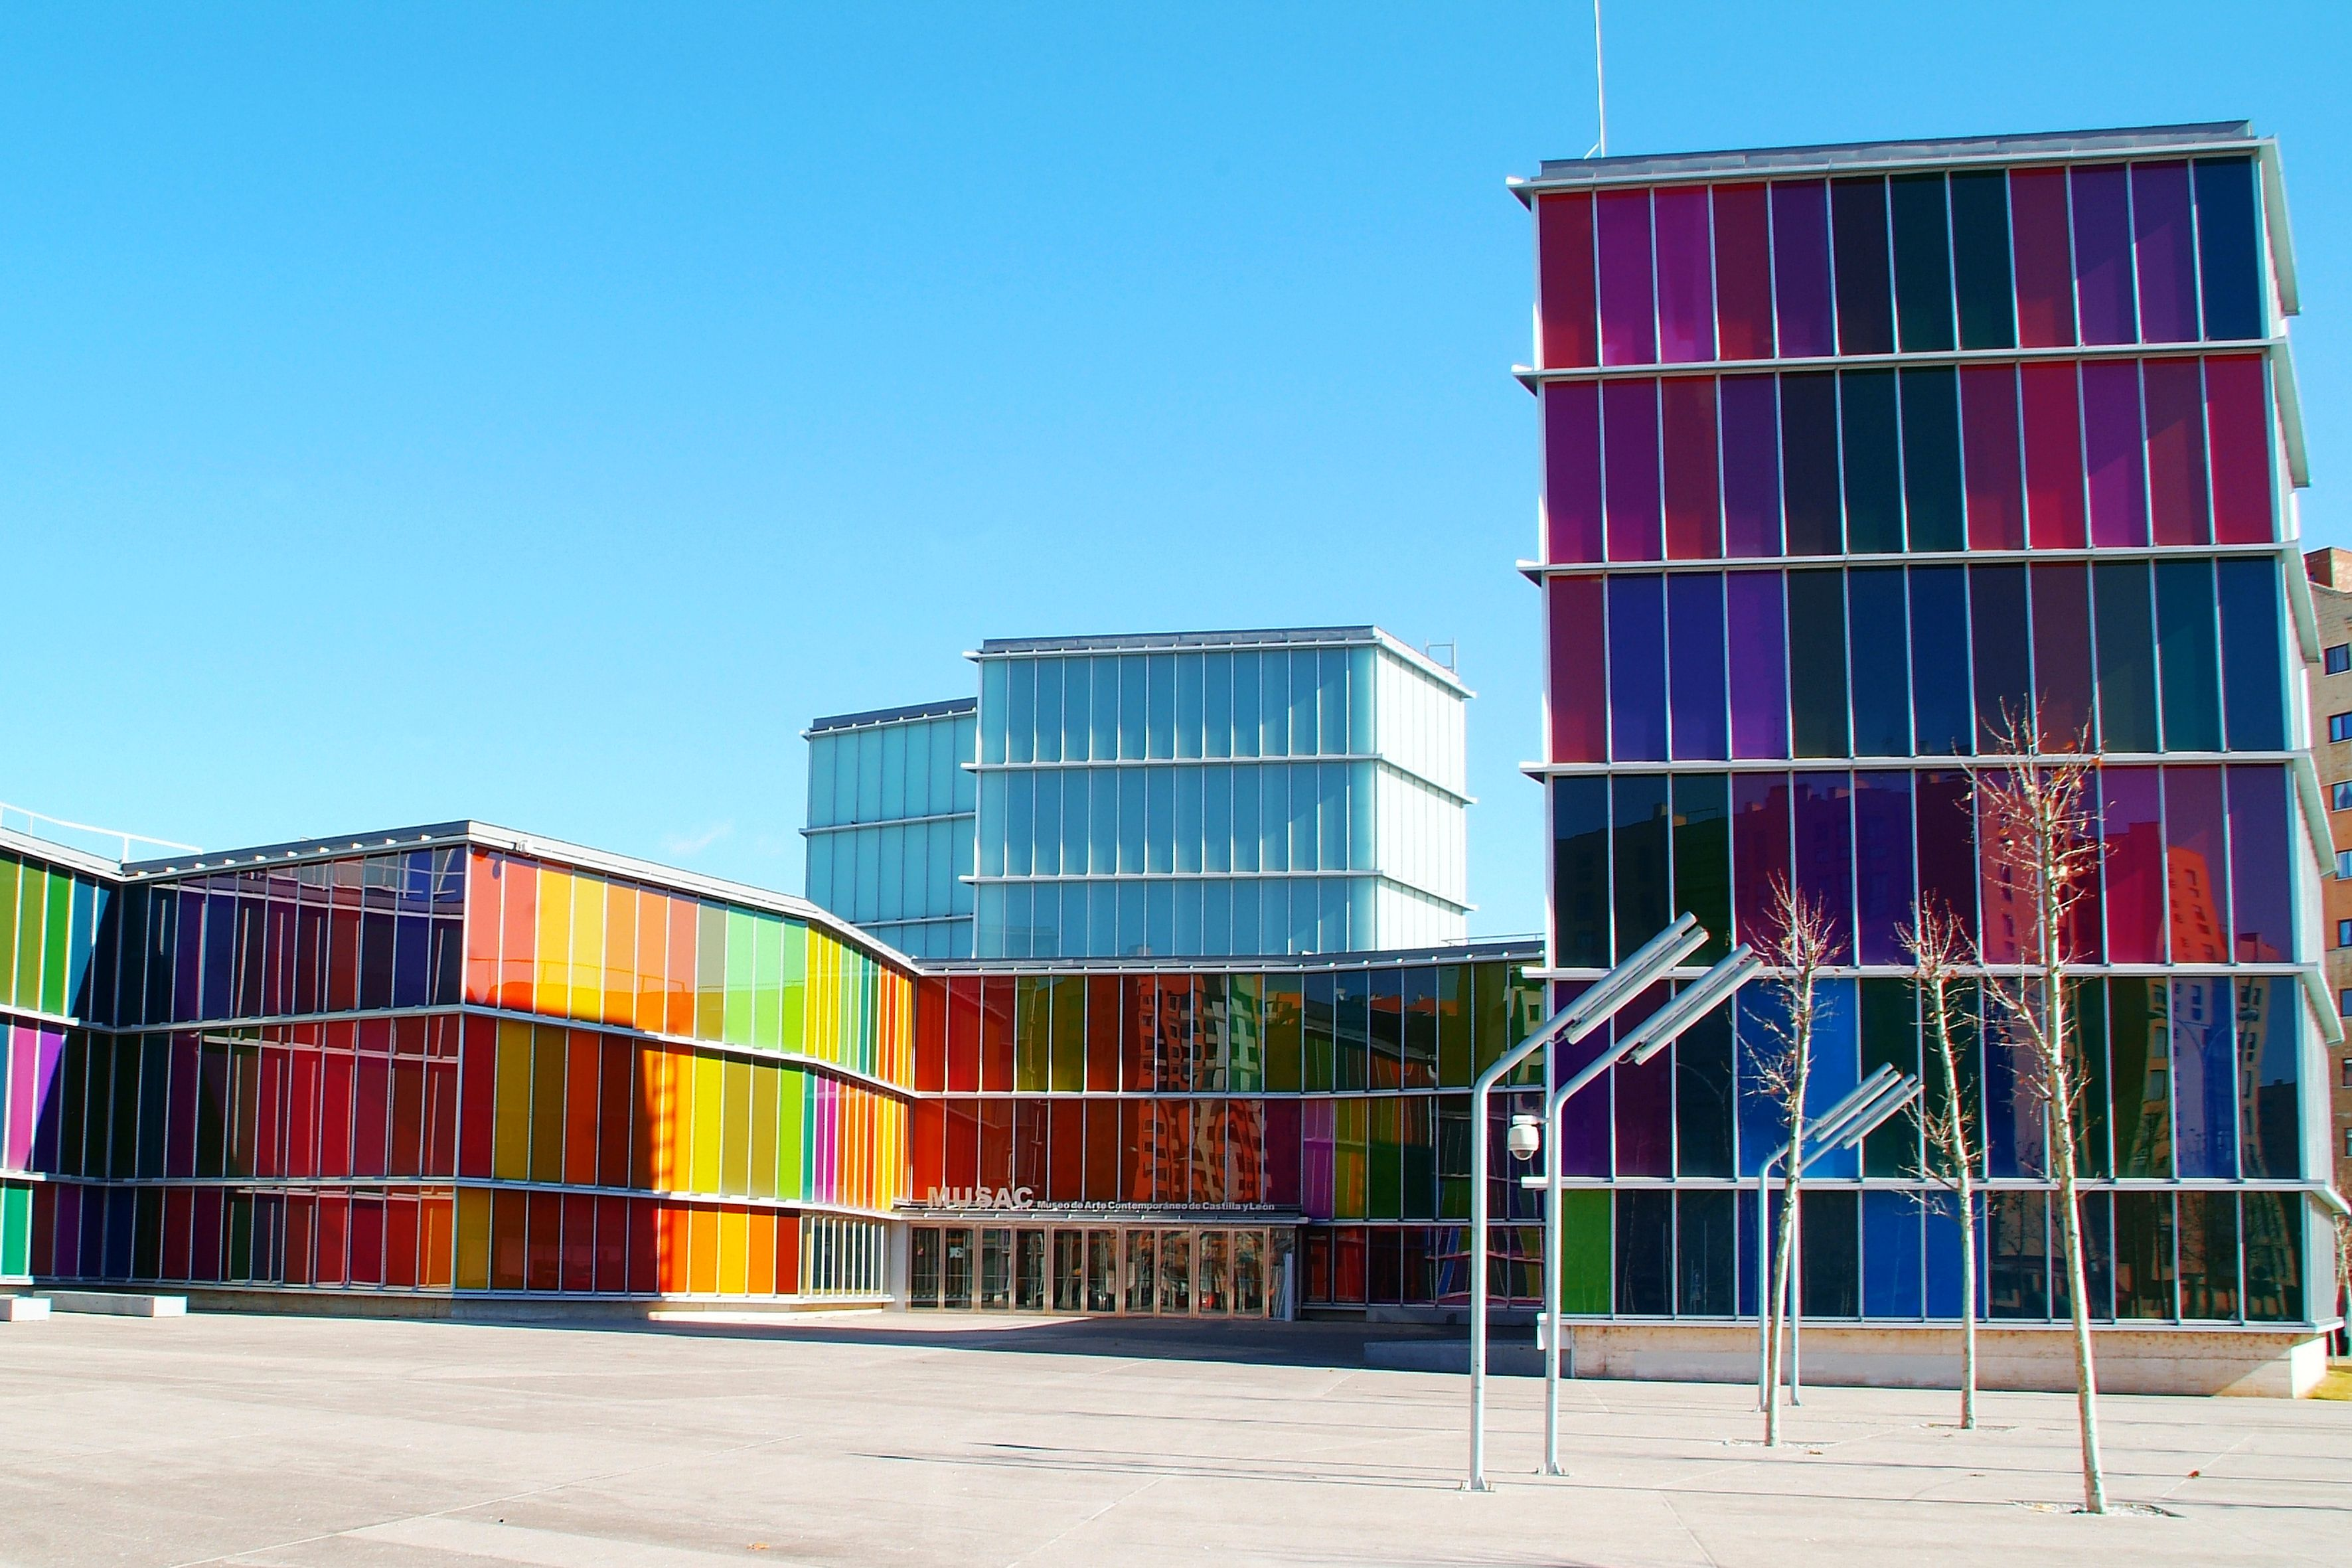 Museo de Arte Contemporáneo de Castilla y Le³n